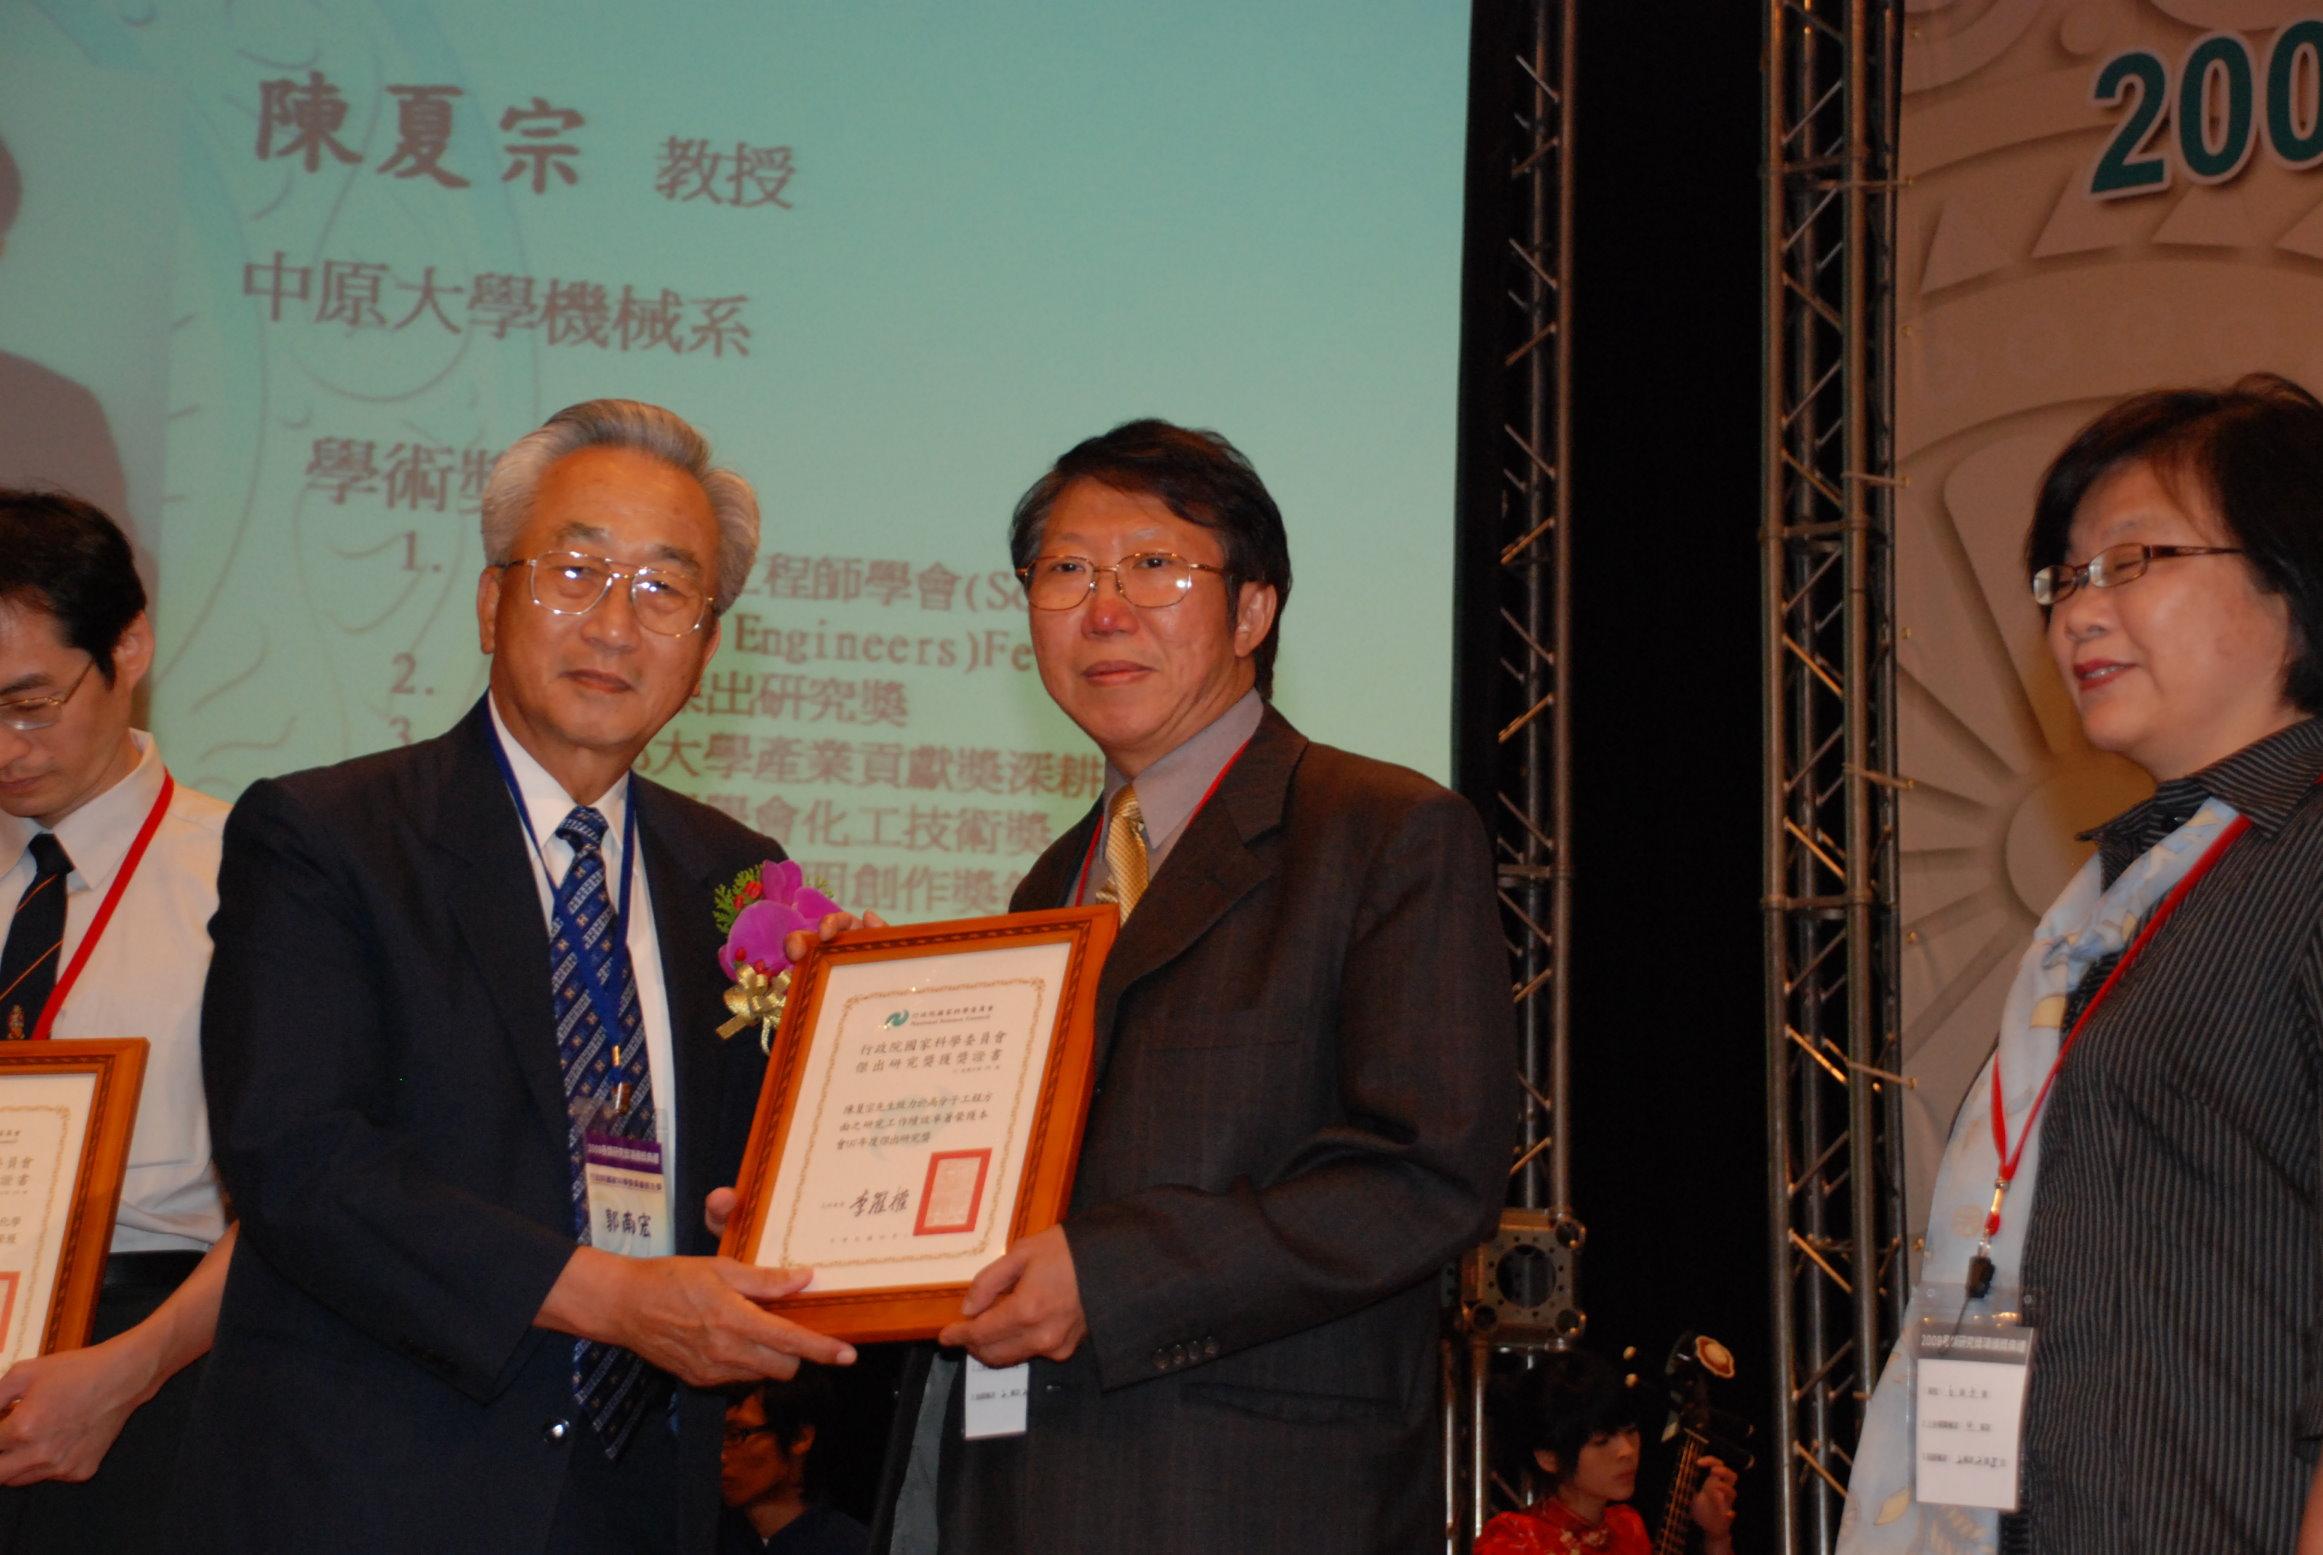 中原大學陳夏宗院長等師生 榮獲國科會多項大獎